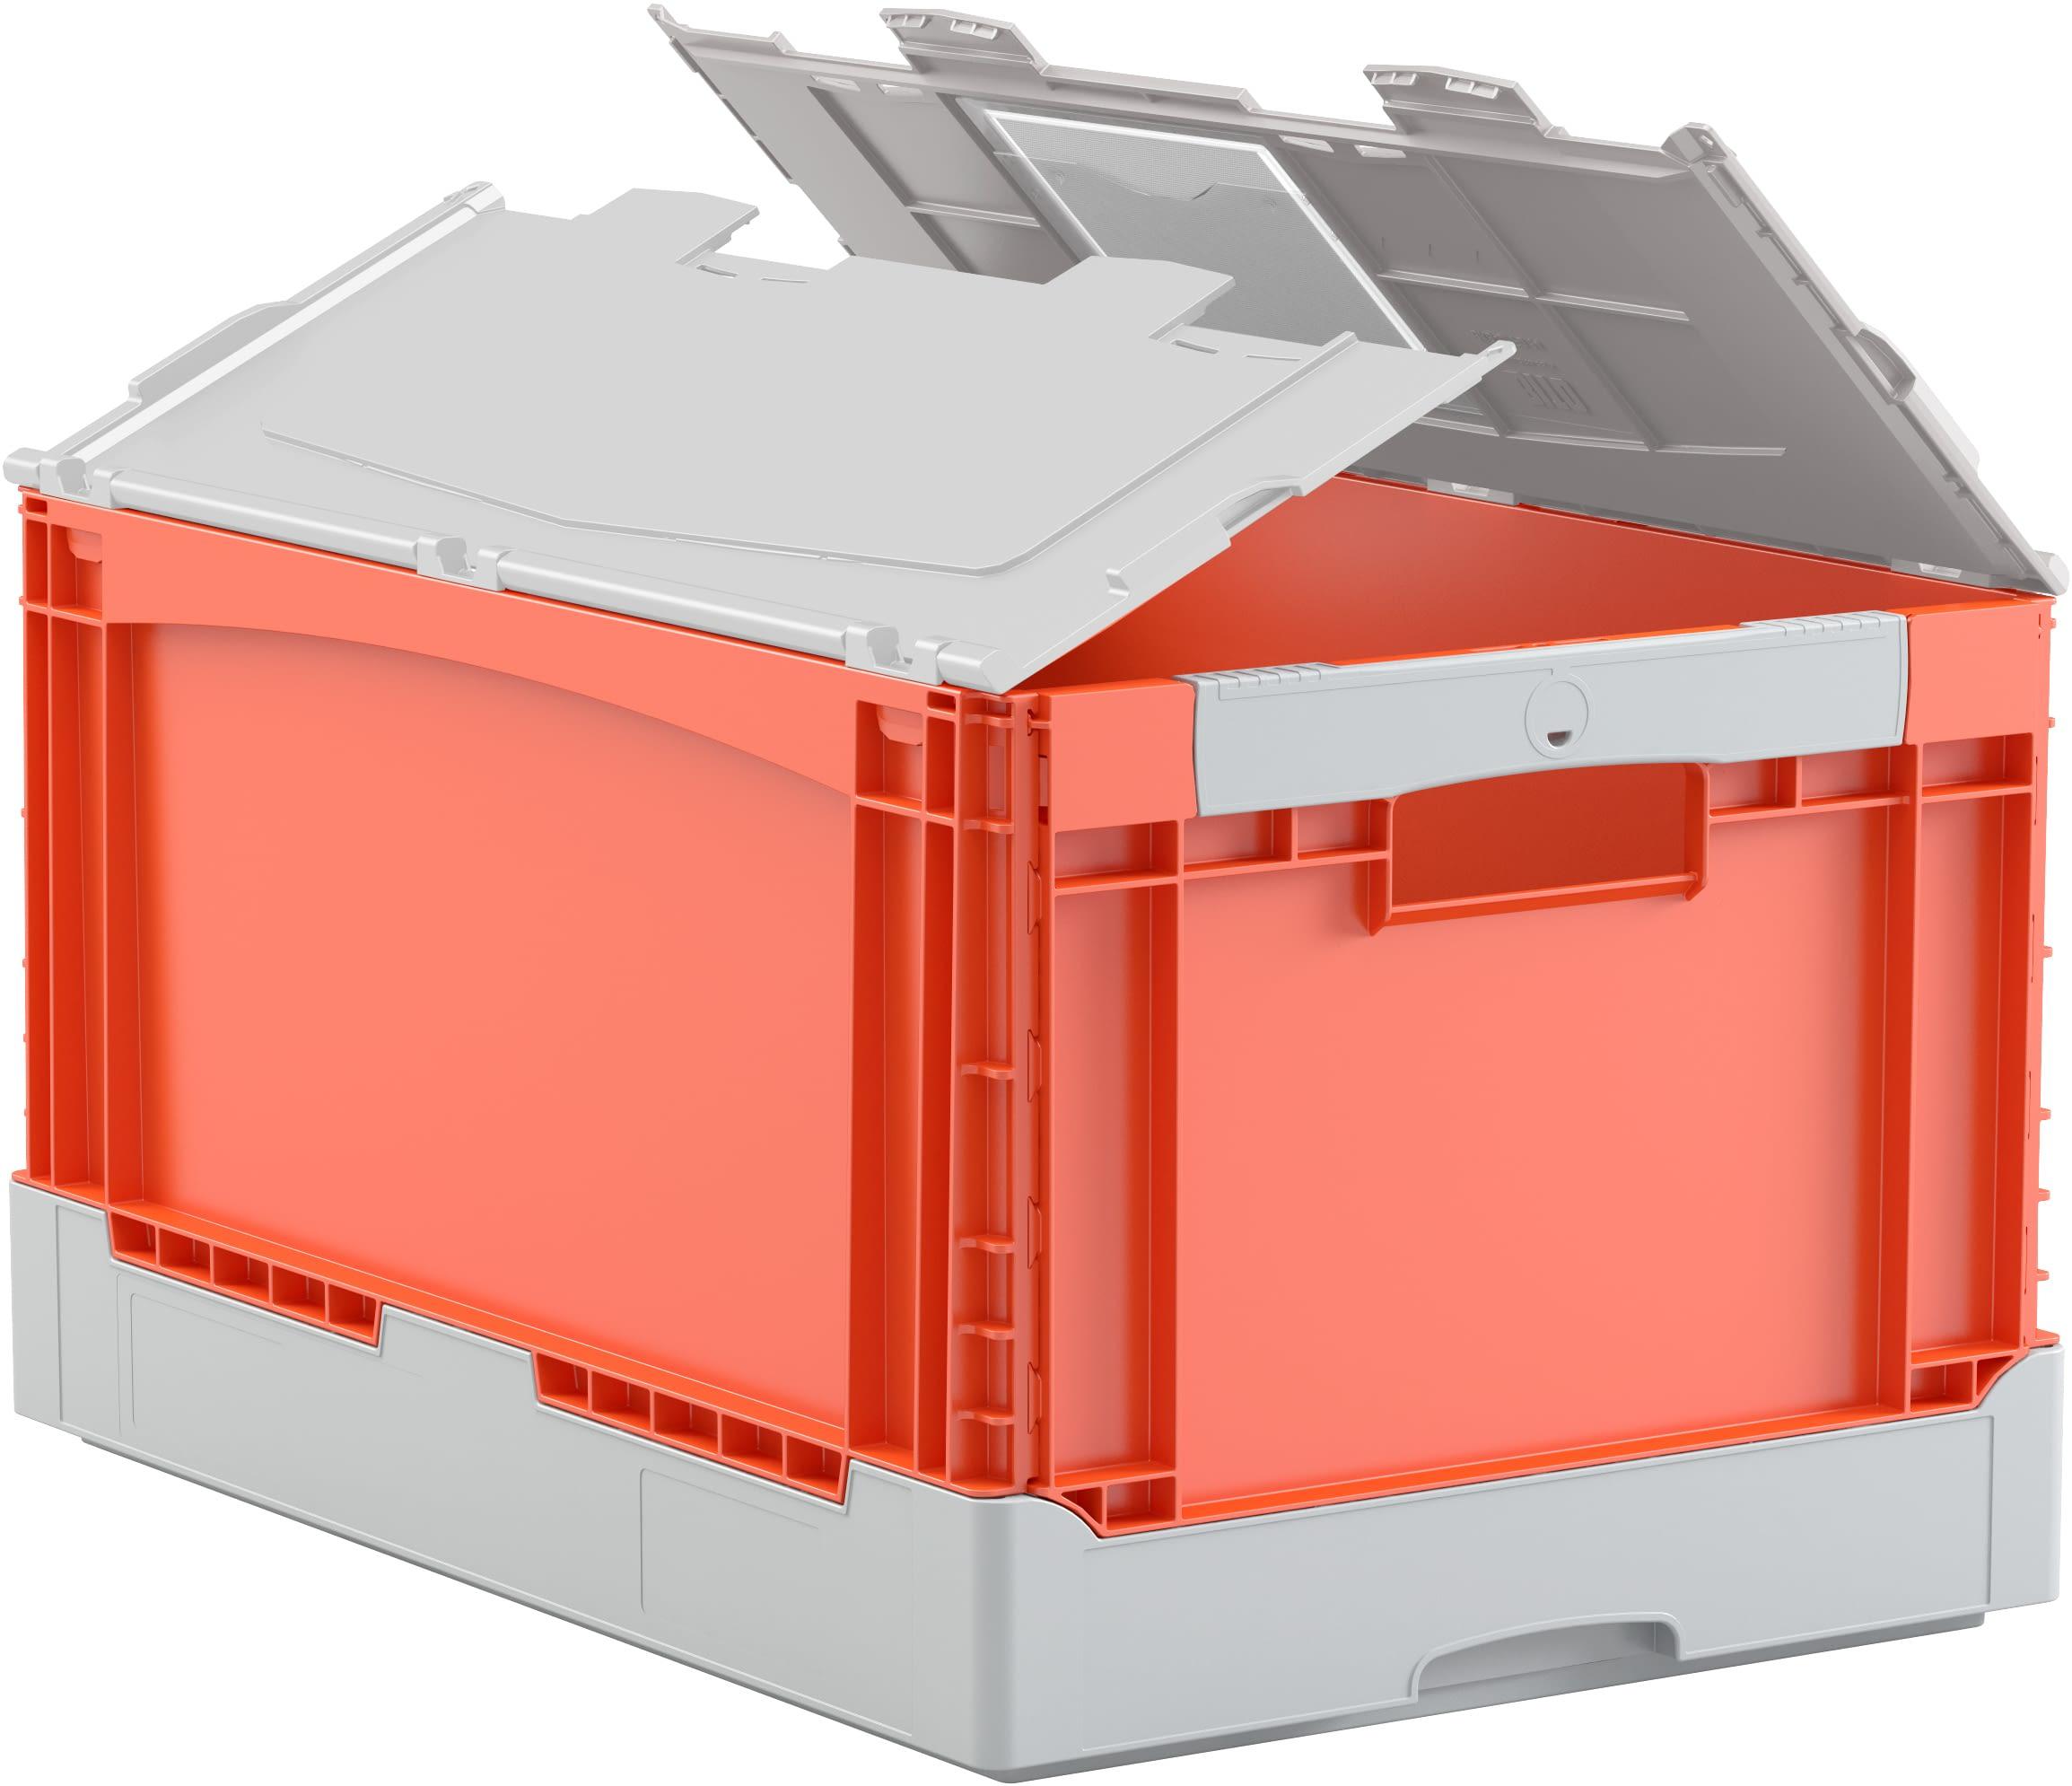 Klappboxen EQ, Durchfassgriffe, orange/grau, 31457, 31465